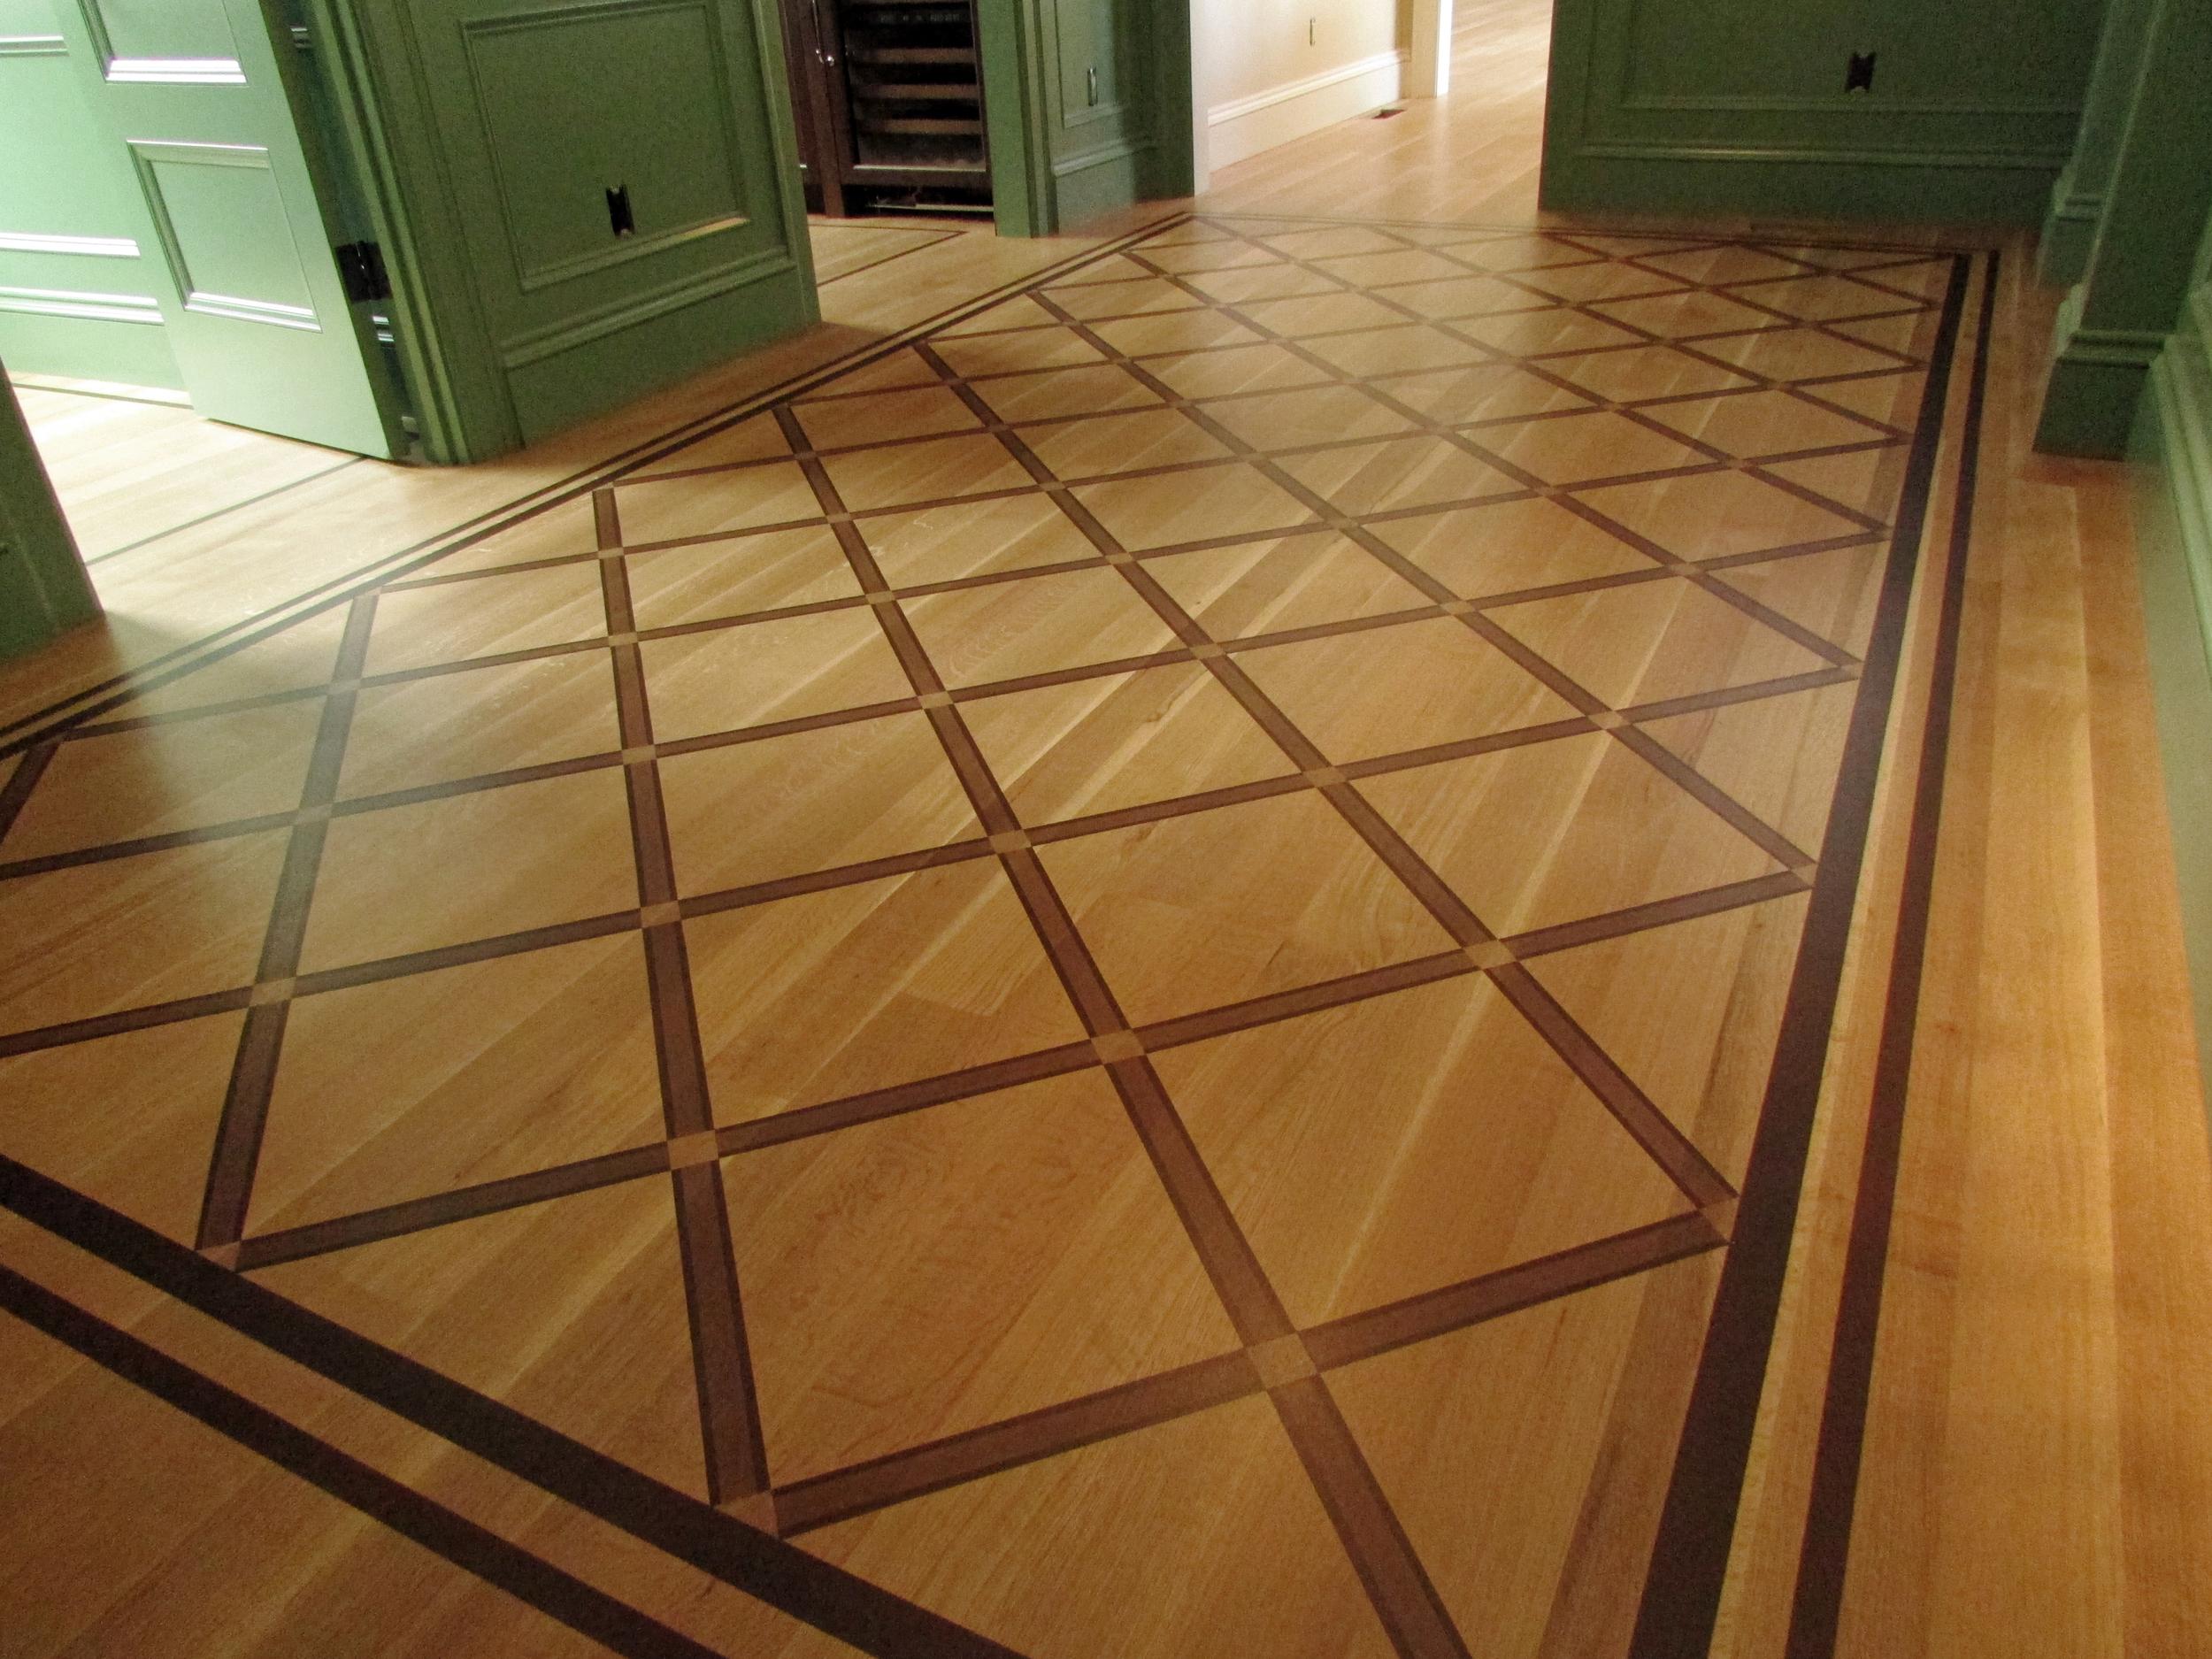 floor pattern wood.jpg